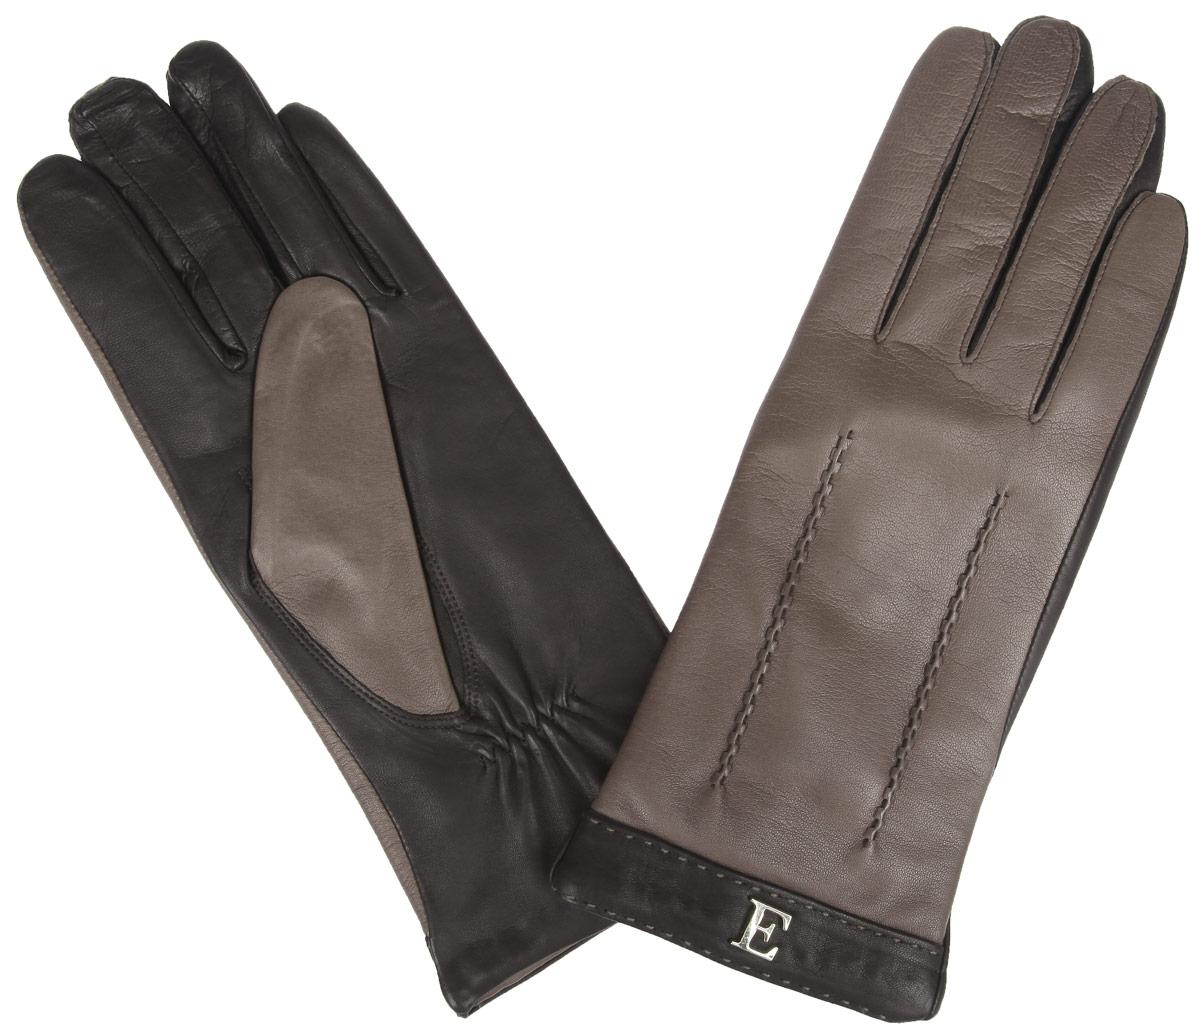 ПерчаткиHP697Стильные женские перчатки Eleganzza не только защитят ваши руки от холода, но и станут великолепным украшением. Перчатки выполнены из натуральной кожи на подкладке из 100% шерсти. На тыльной стороне манжет имеются небольшие сборки резинкой для того, чтобы перчатки лучше сидели. С внешней стороны манжеты украшены контрастными вставками с небольшими декоративными элементами и оригинальной прострочкой. В настоящее время перчатки являются неотъемлемой принадлежностью одежды, вместе с этим аксессуаром вы обретаете женственность и элегантность. Перчатки станут завершающим и подчеркивающим элементом вашего стиля и неповторимости.